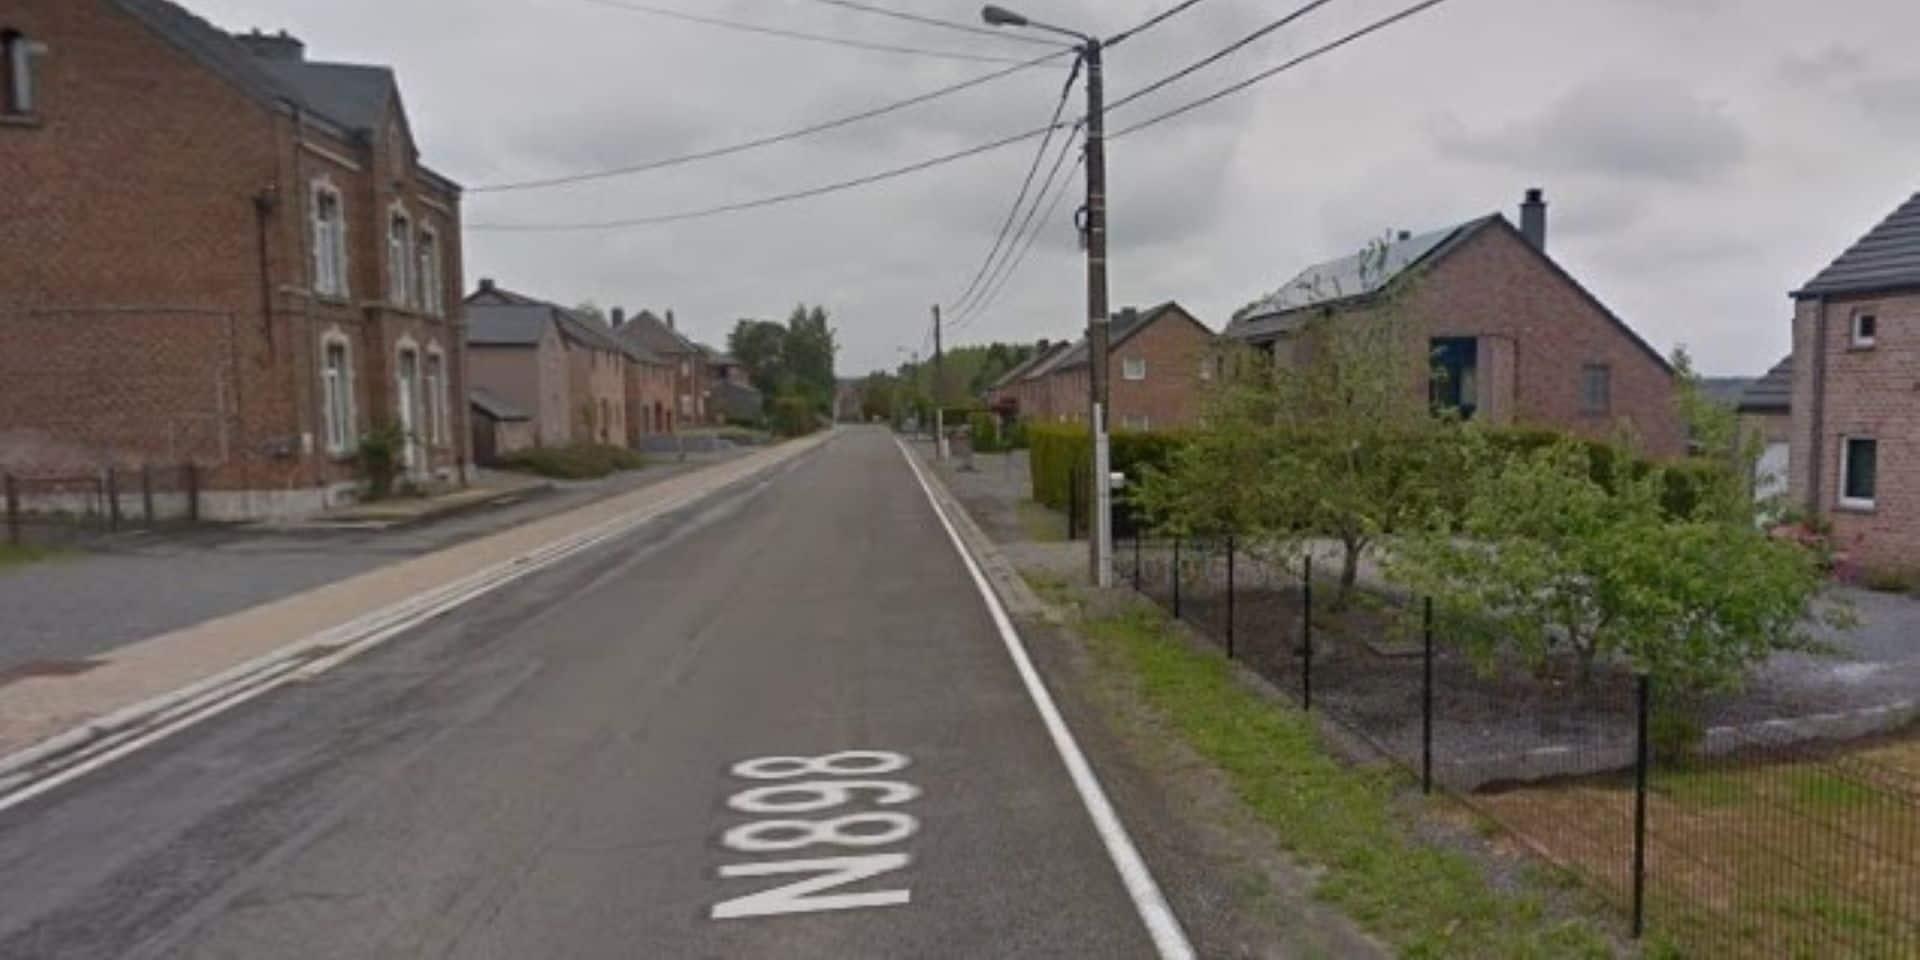 Accident de la route à Fronville (Hotton) : un blessé léger